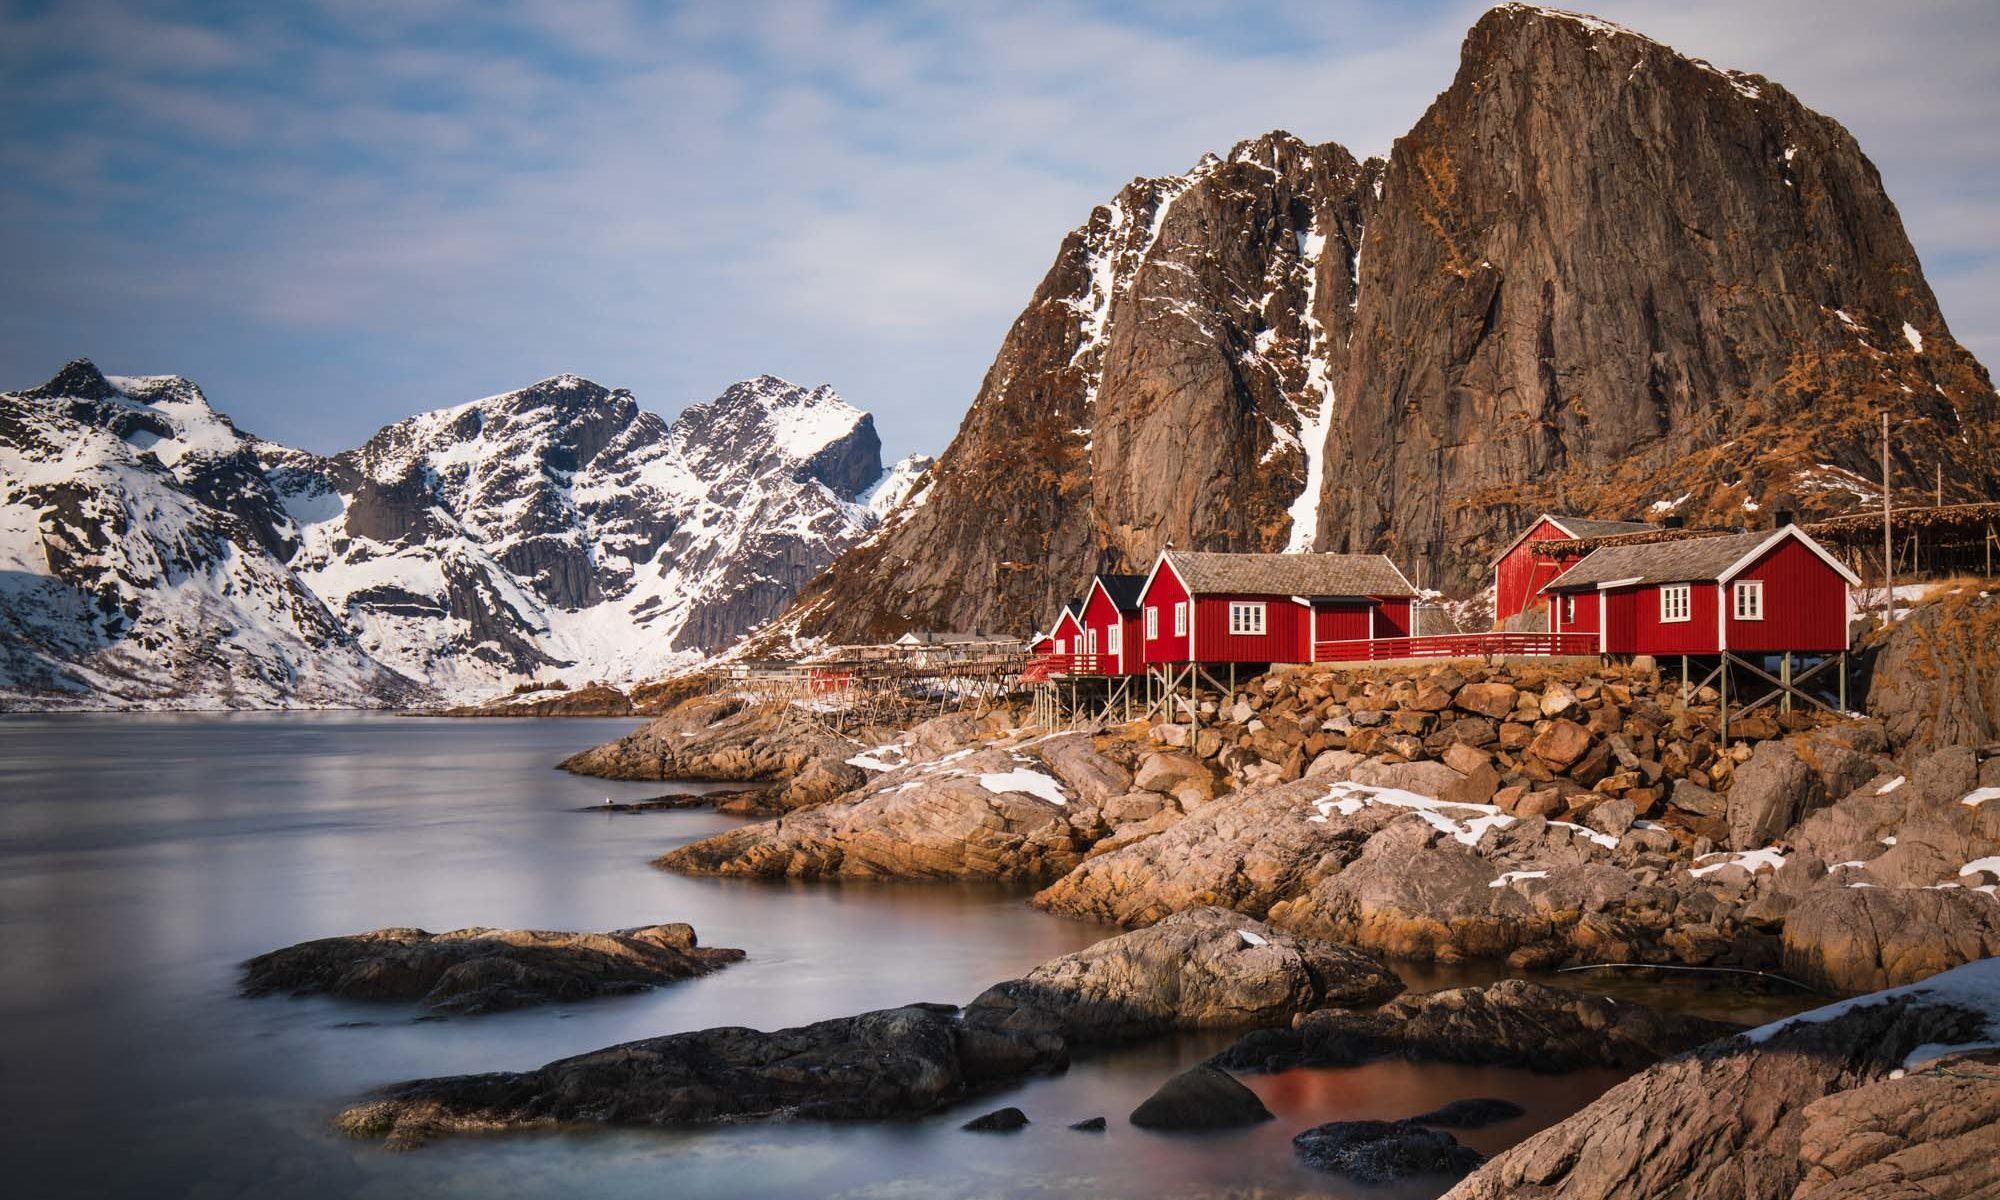 Blick auf rote Rorburer am Meer vor den Bergen auf den Lofoten.